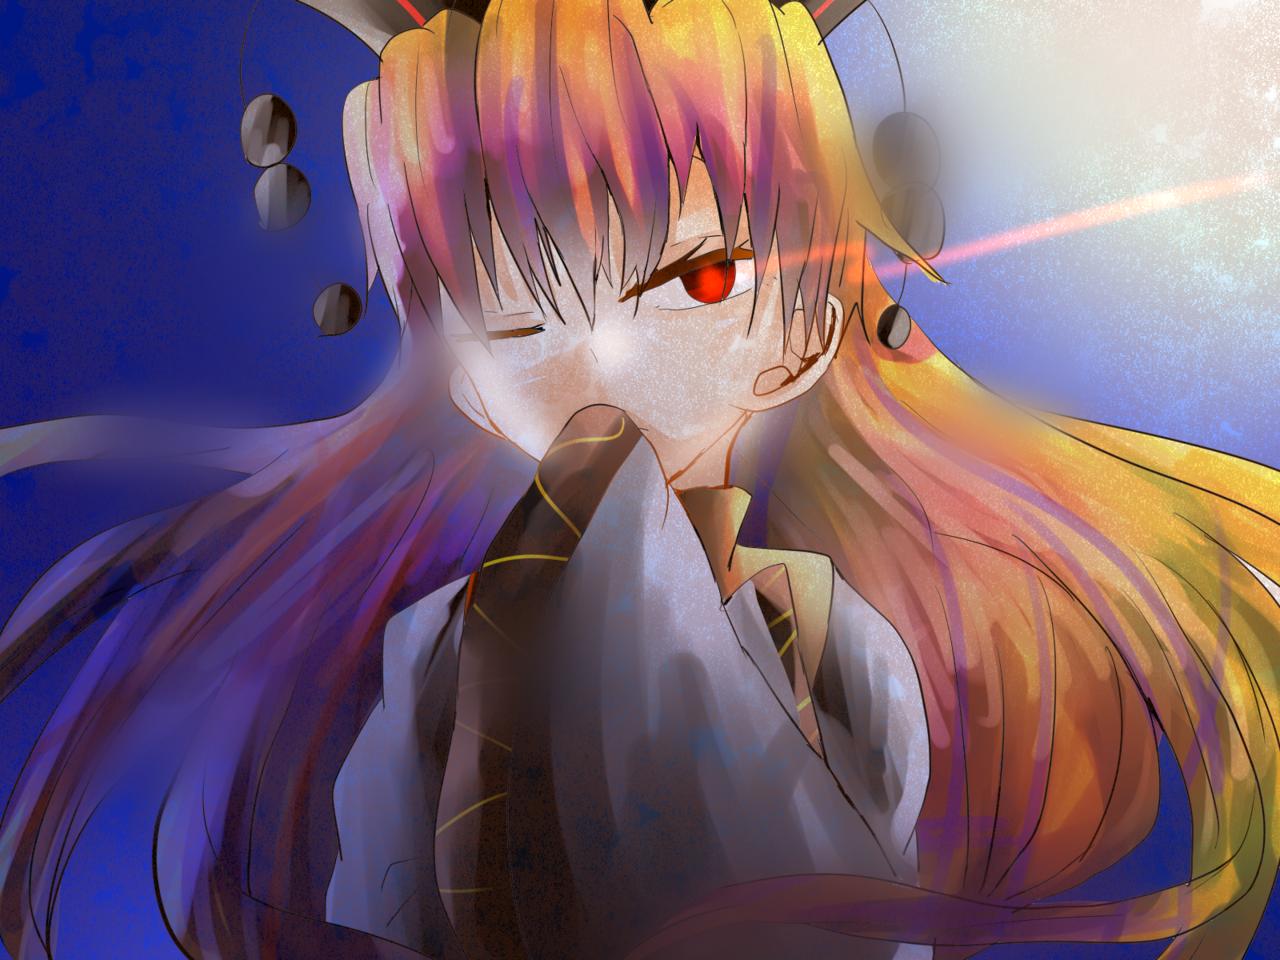 下手な純狐さん Illust of お茶湯 小6 Touhou_Project girl 純狐 original